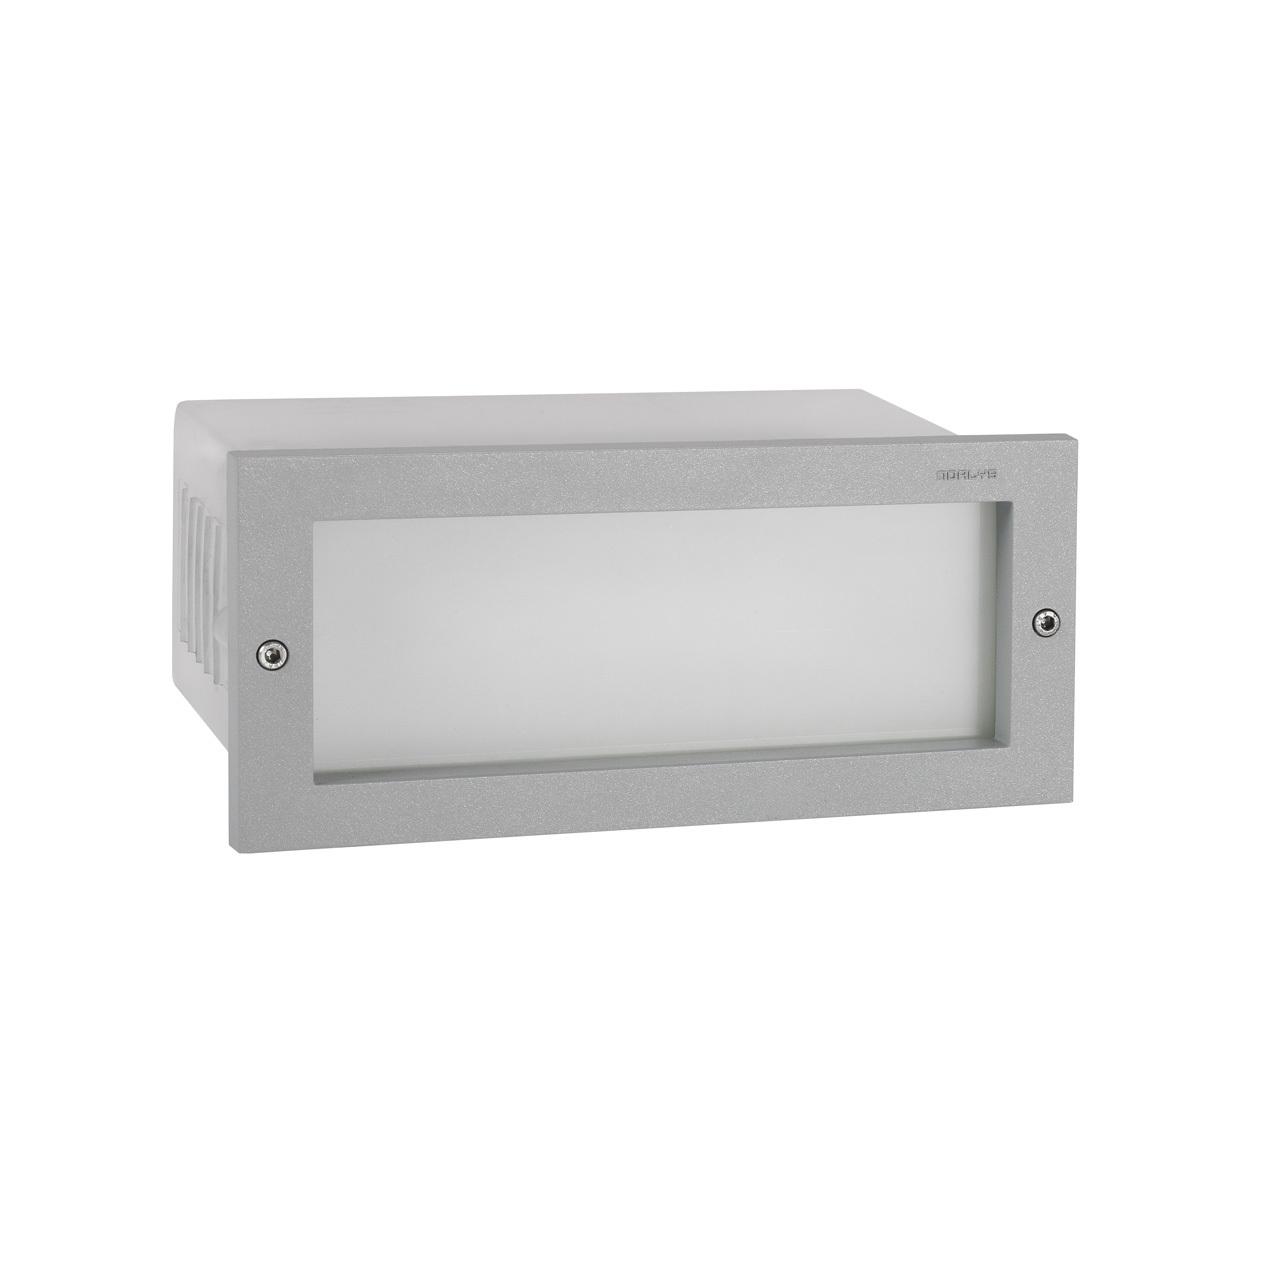 Lampa do zabudowania GRIMSTAD LED 1544AL -Norlys  SPRAWDŹ RABATY  5-10-15-20 % w koszyku